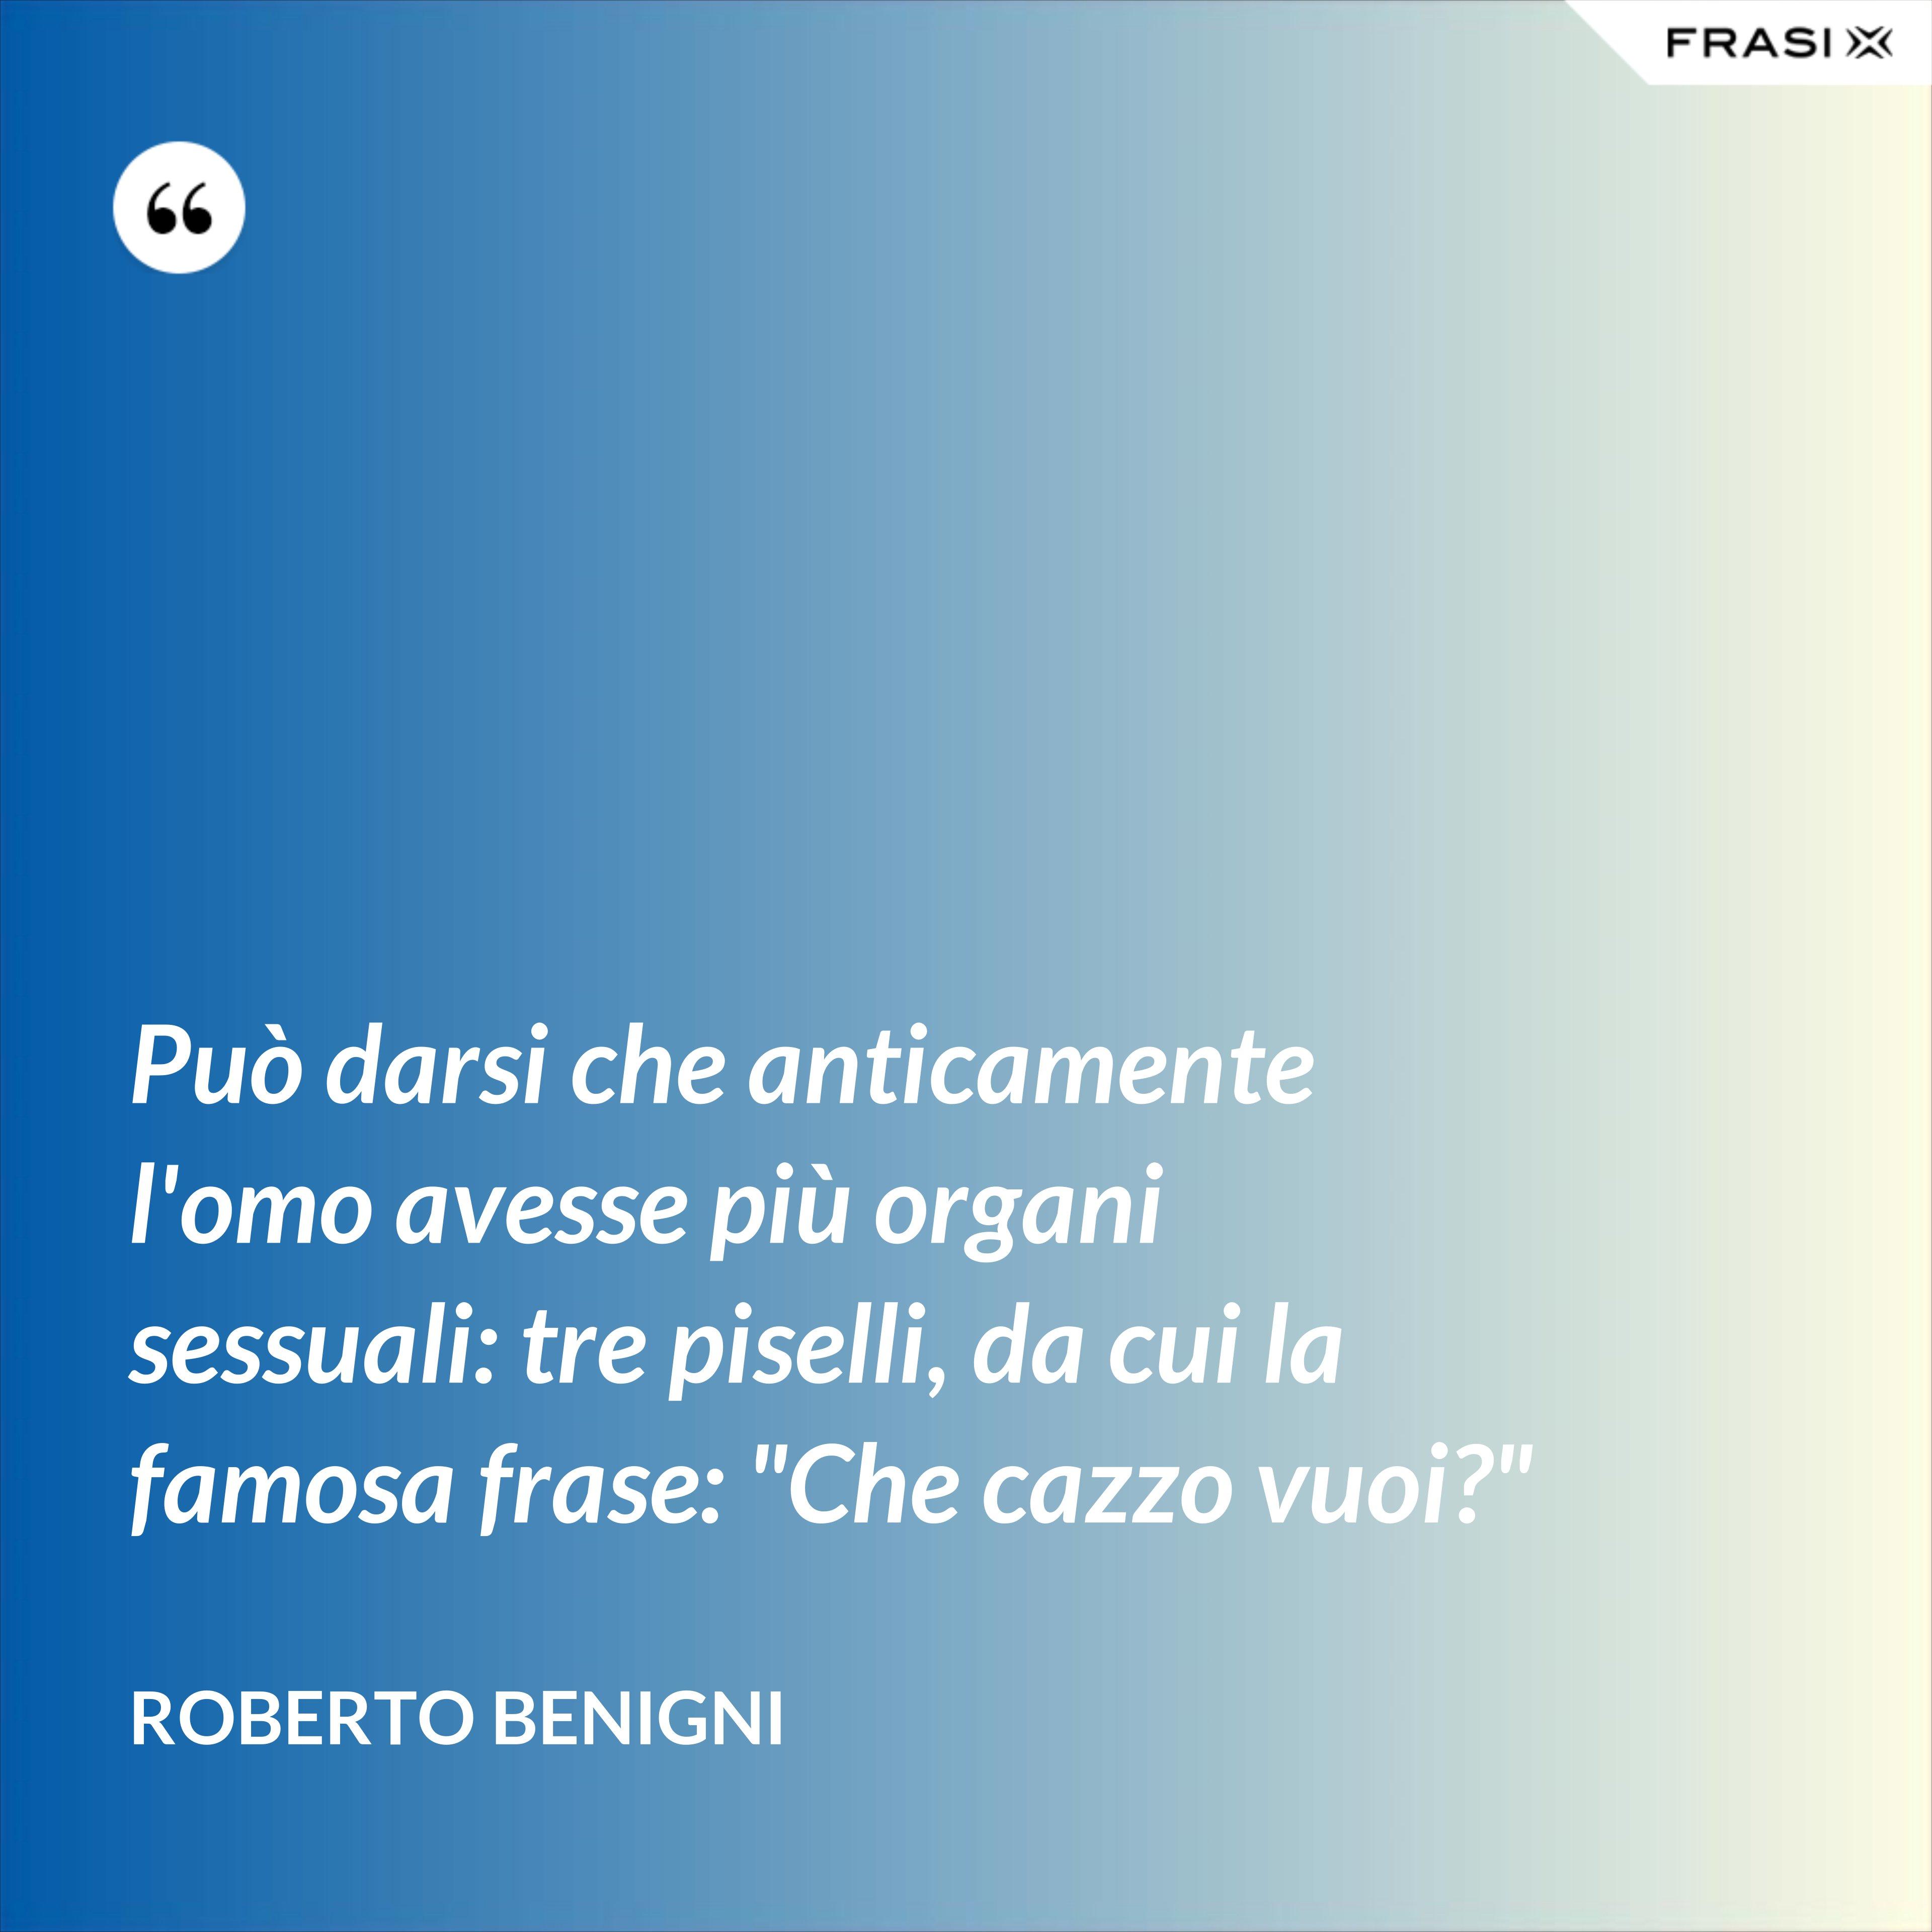 """Può darsi che anticamente l'omo avesse più organi sessuali: tre piselli, da cui la famosa frase: """"Che cazzo vuoi?"""" - Roberto Benigni"""